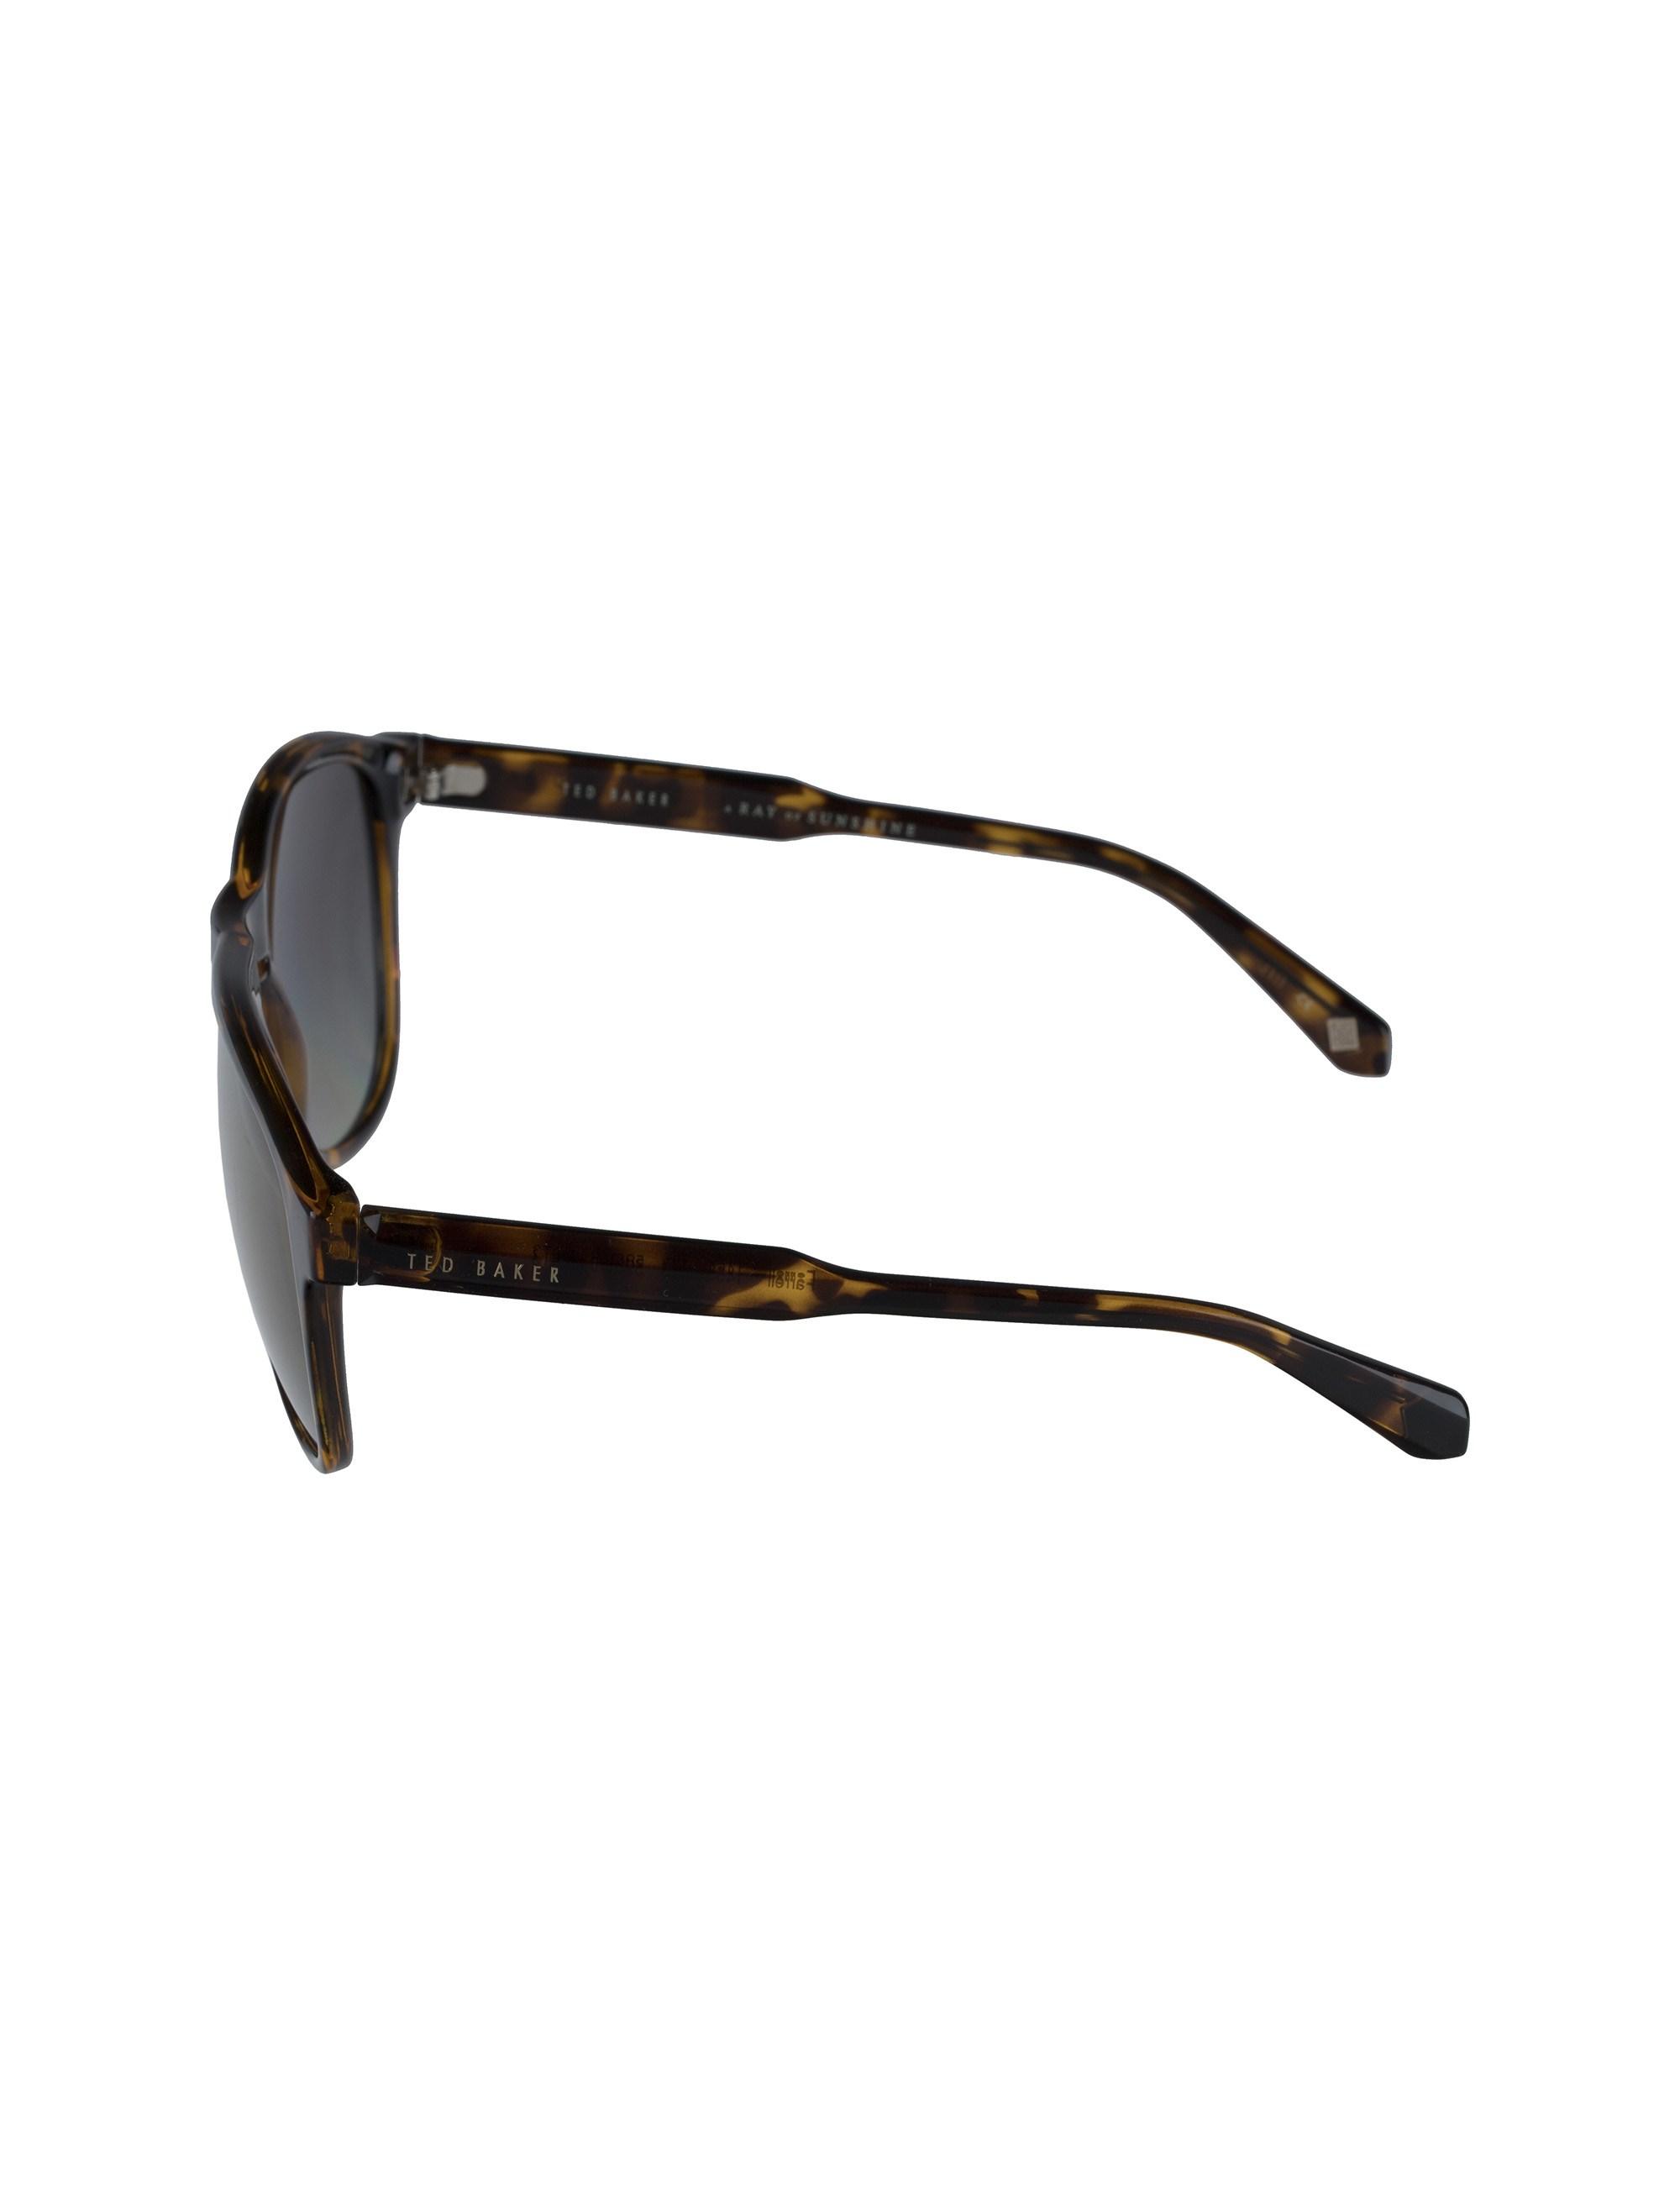 عینک آفتابی خلبانی زنانه - تد بیکر - قهوه اي لاک پشتي - 5